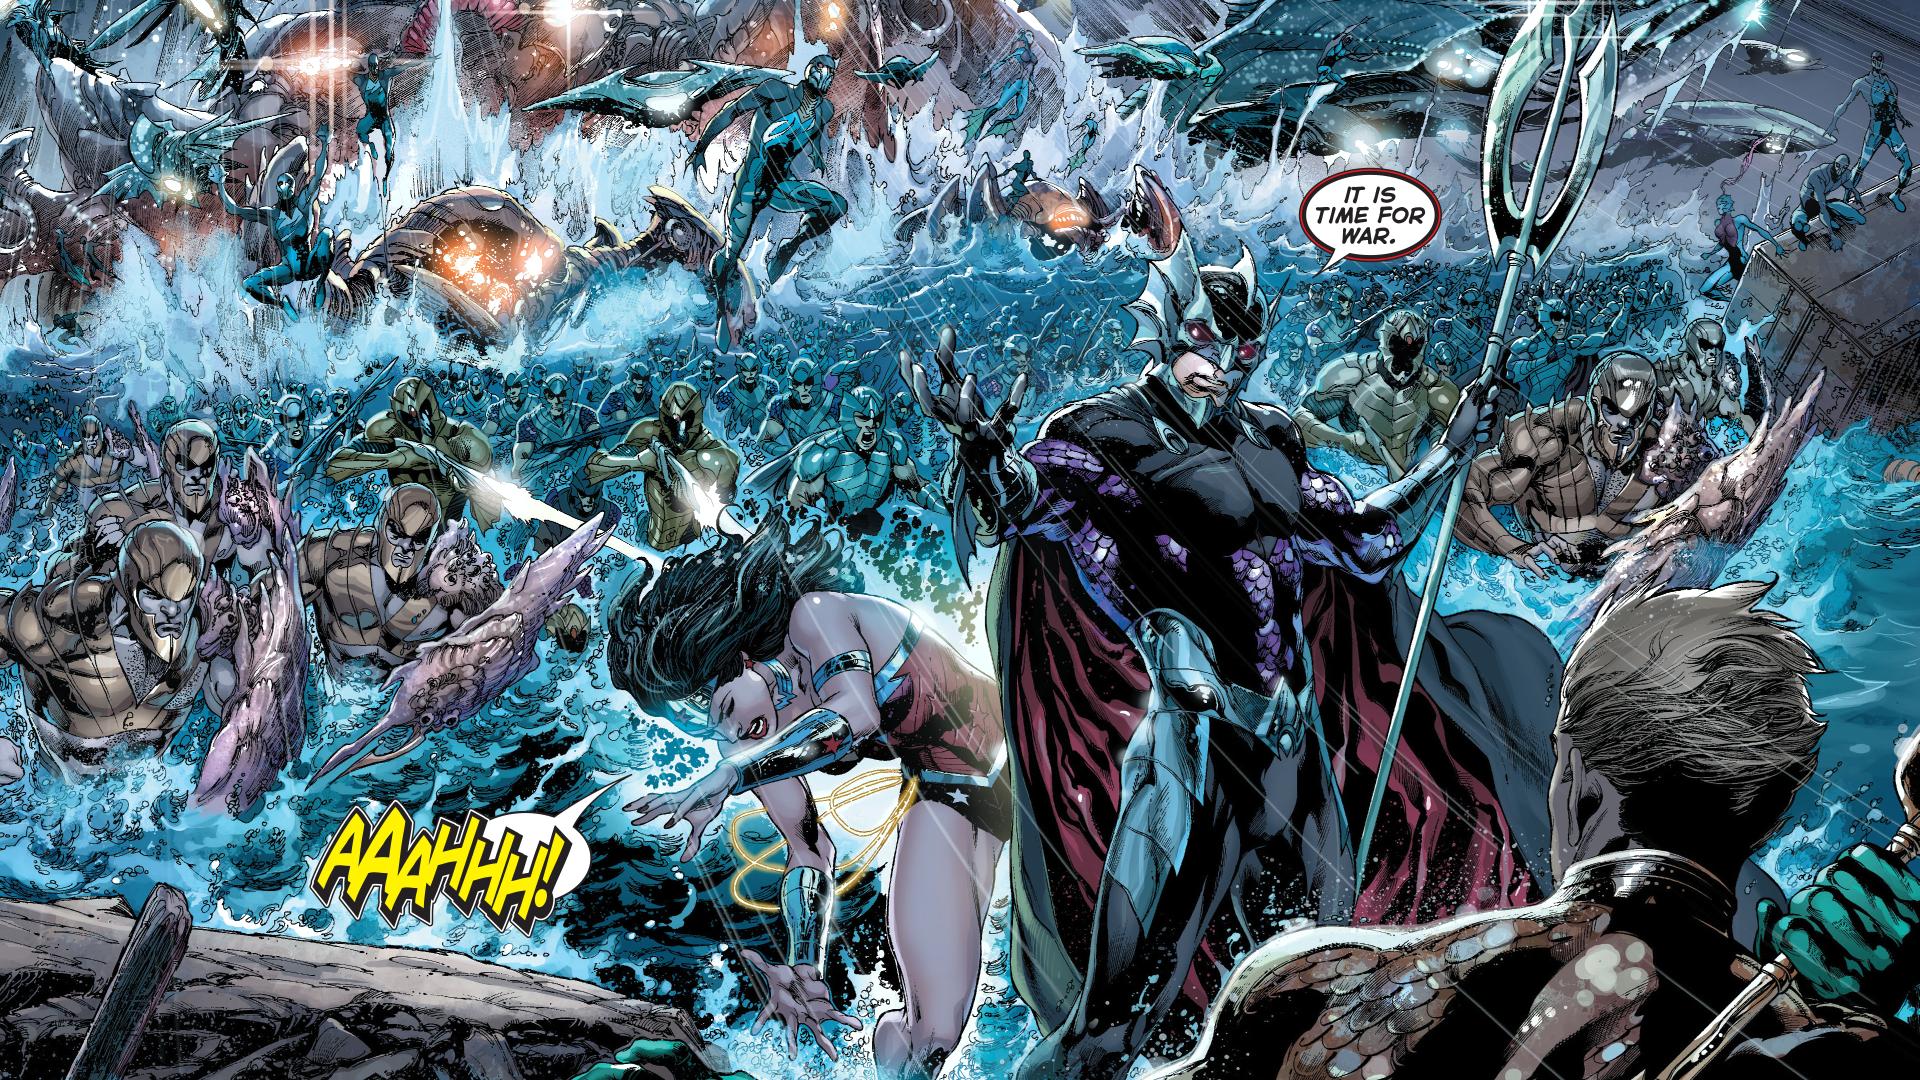 Justice League New 52 Wallpaper 1080p On Wallpaper 1080p Hd Aquaman Ocean Master Justice League New 52